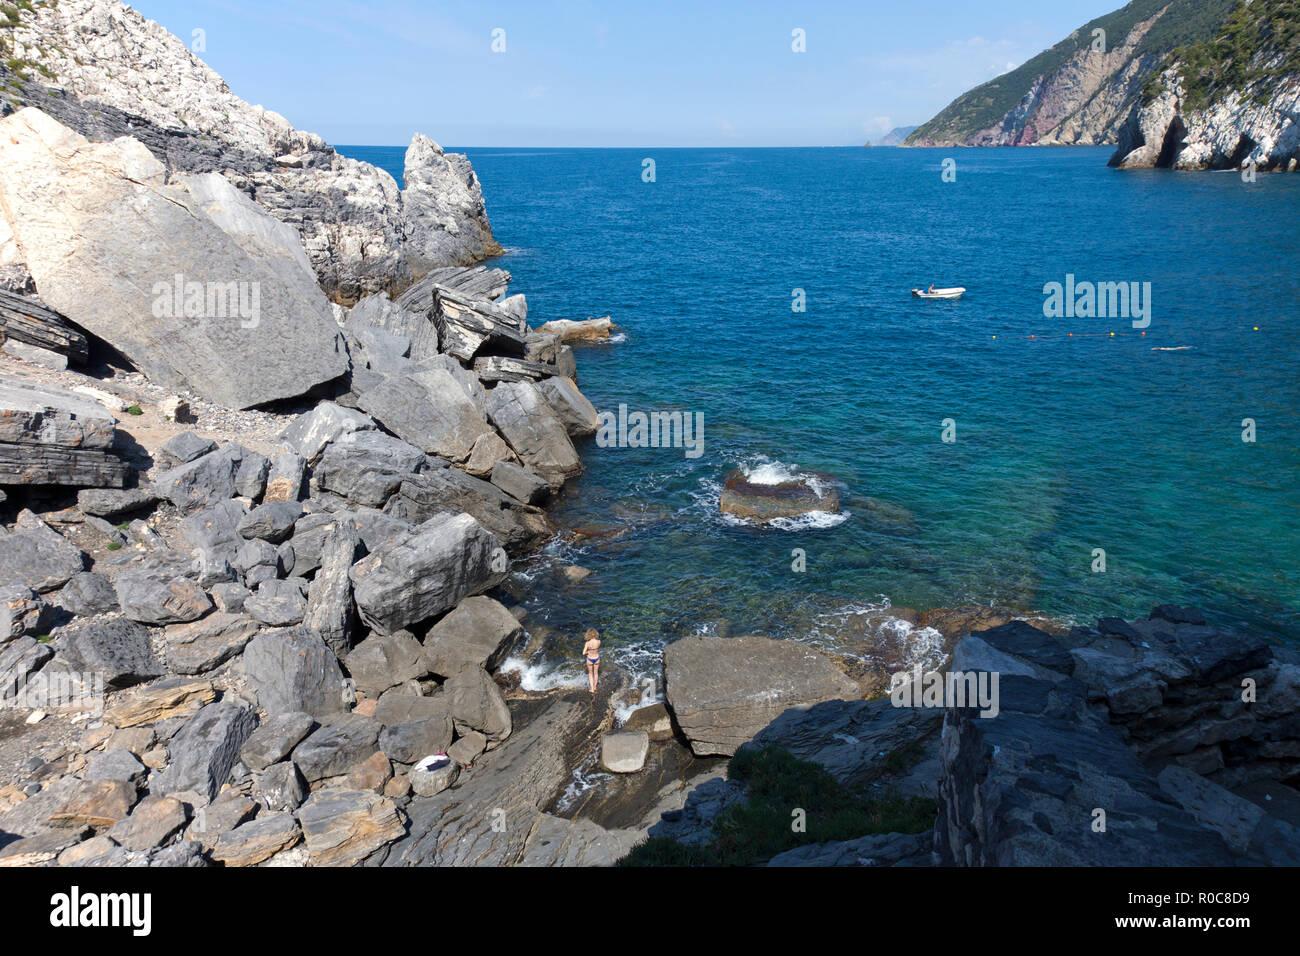 Sunbather, Bay of Poets, Rocky Coast, Portovenere, La Spezia, Italy. - Stock Image